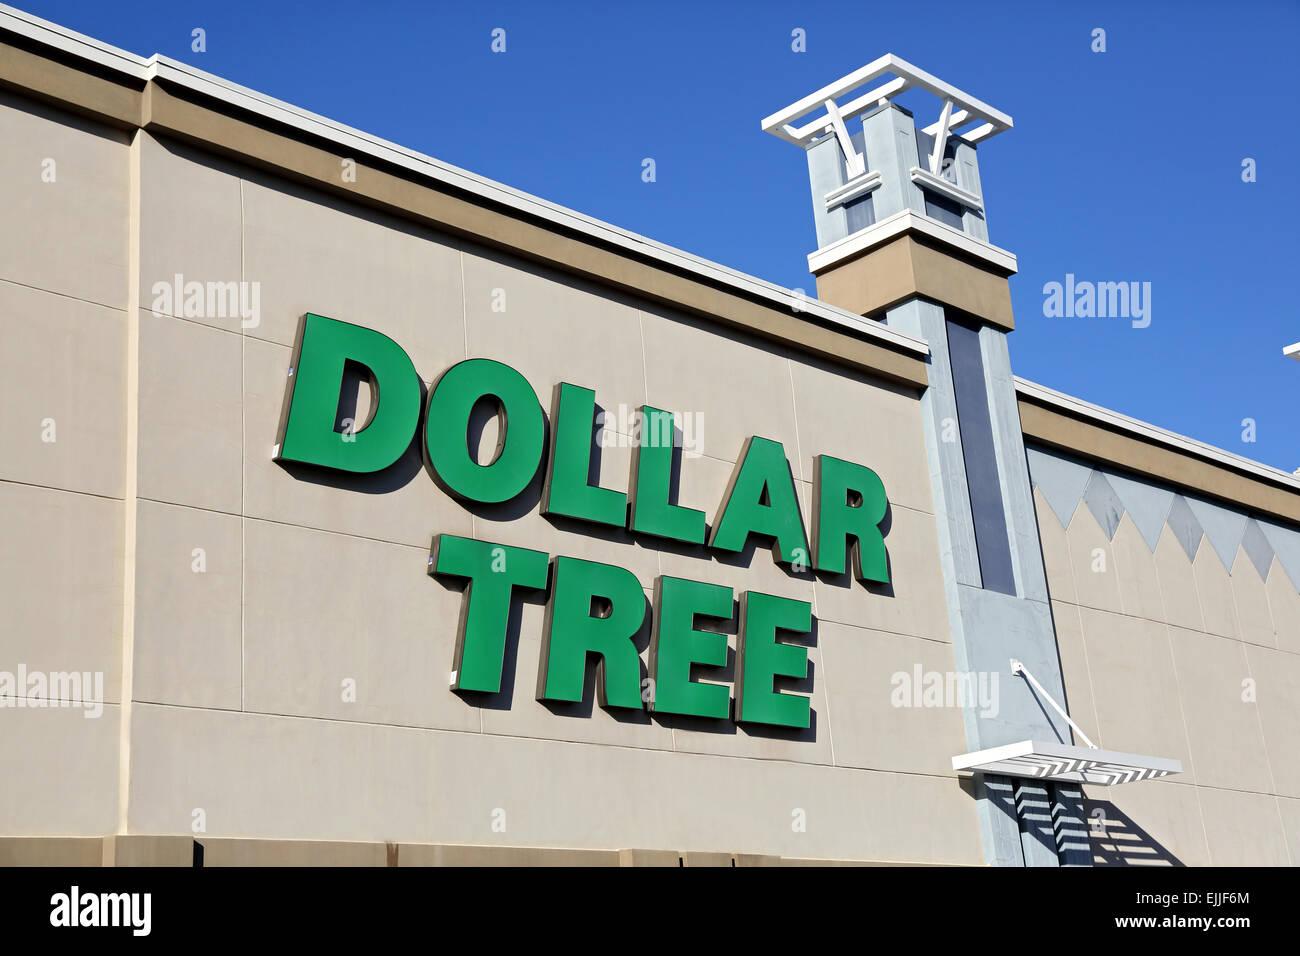 Dollar Tree store segno anteriore, retail business negozio anteriore, STATI UNITI D'AMERICA Immagini Stock